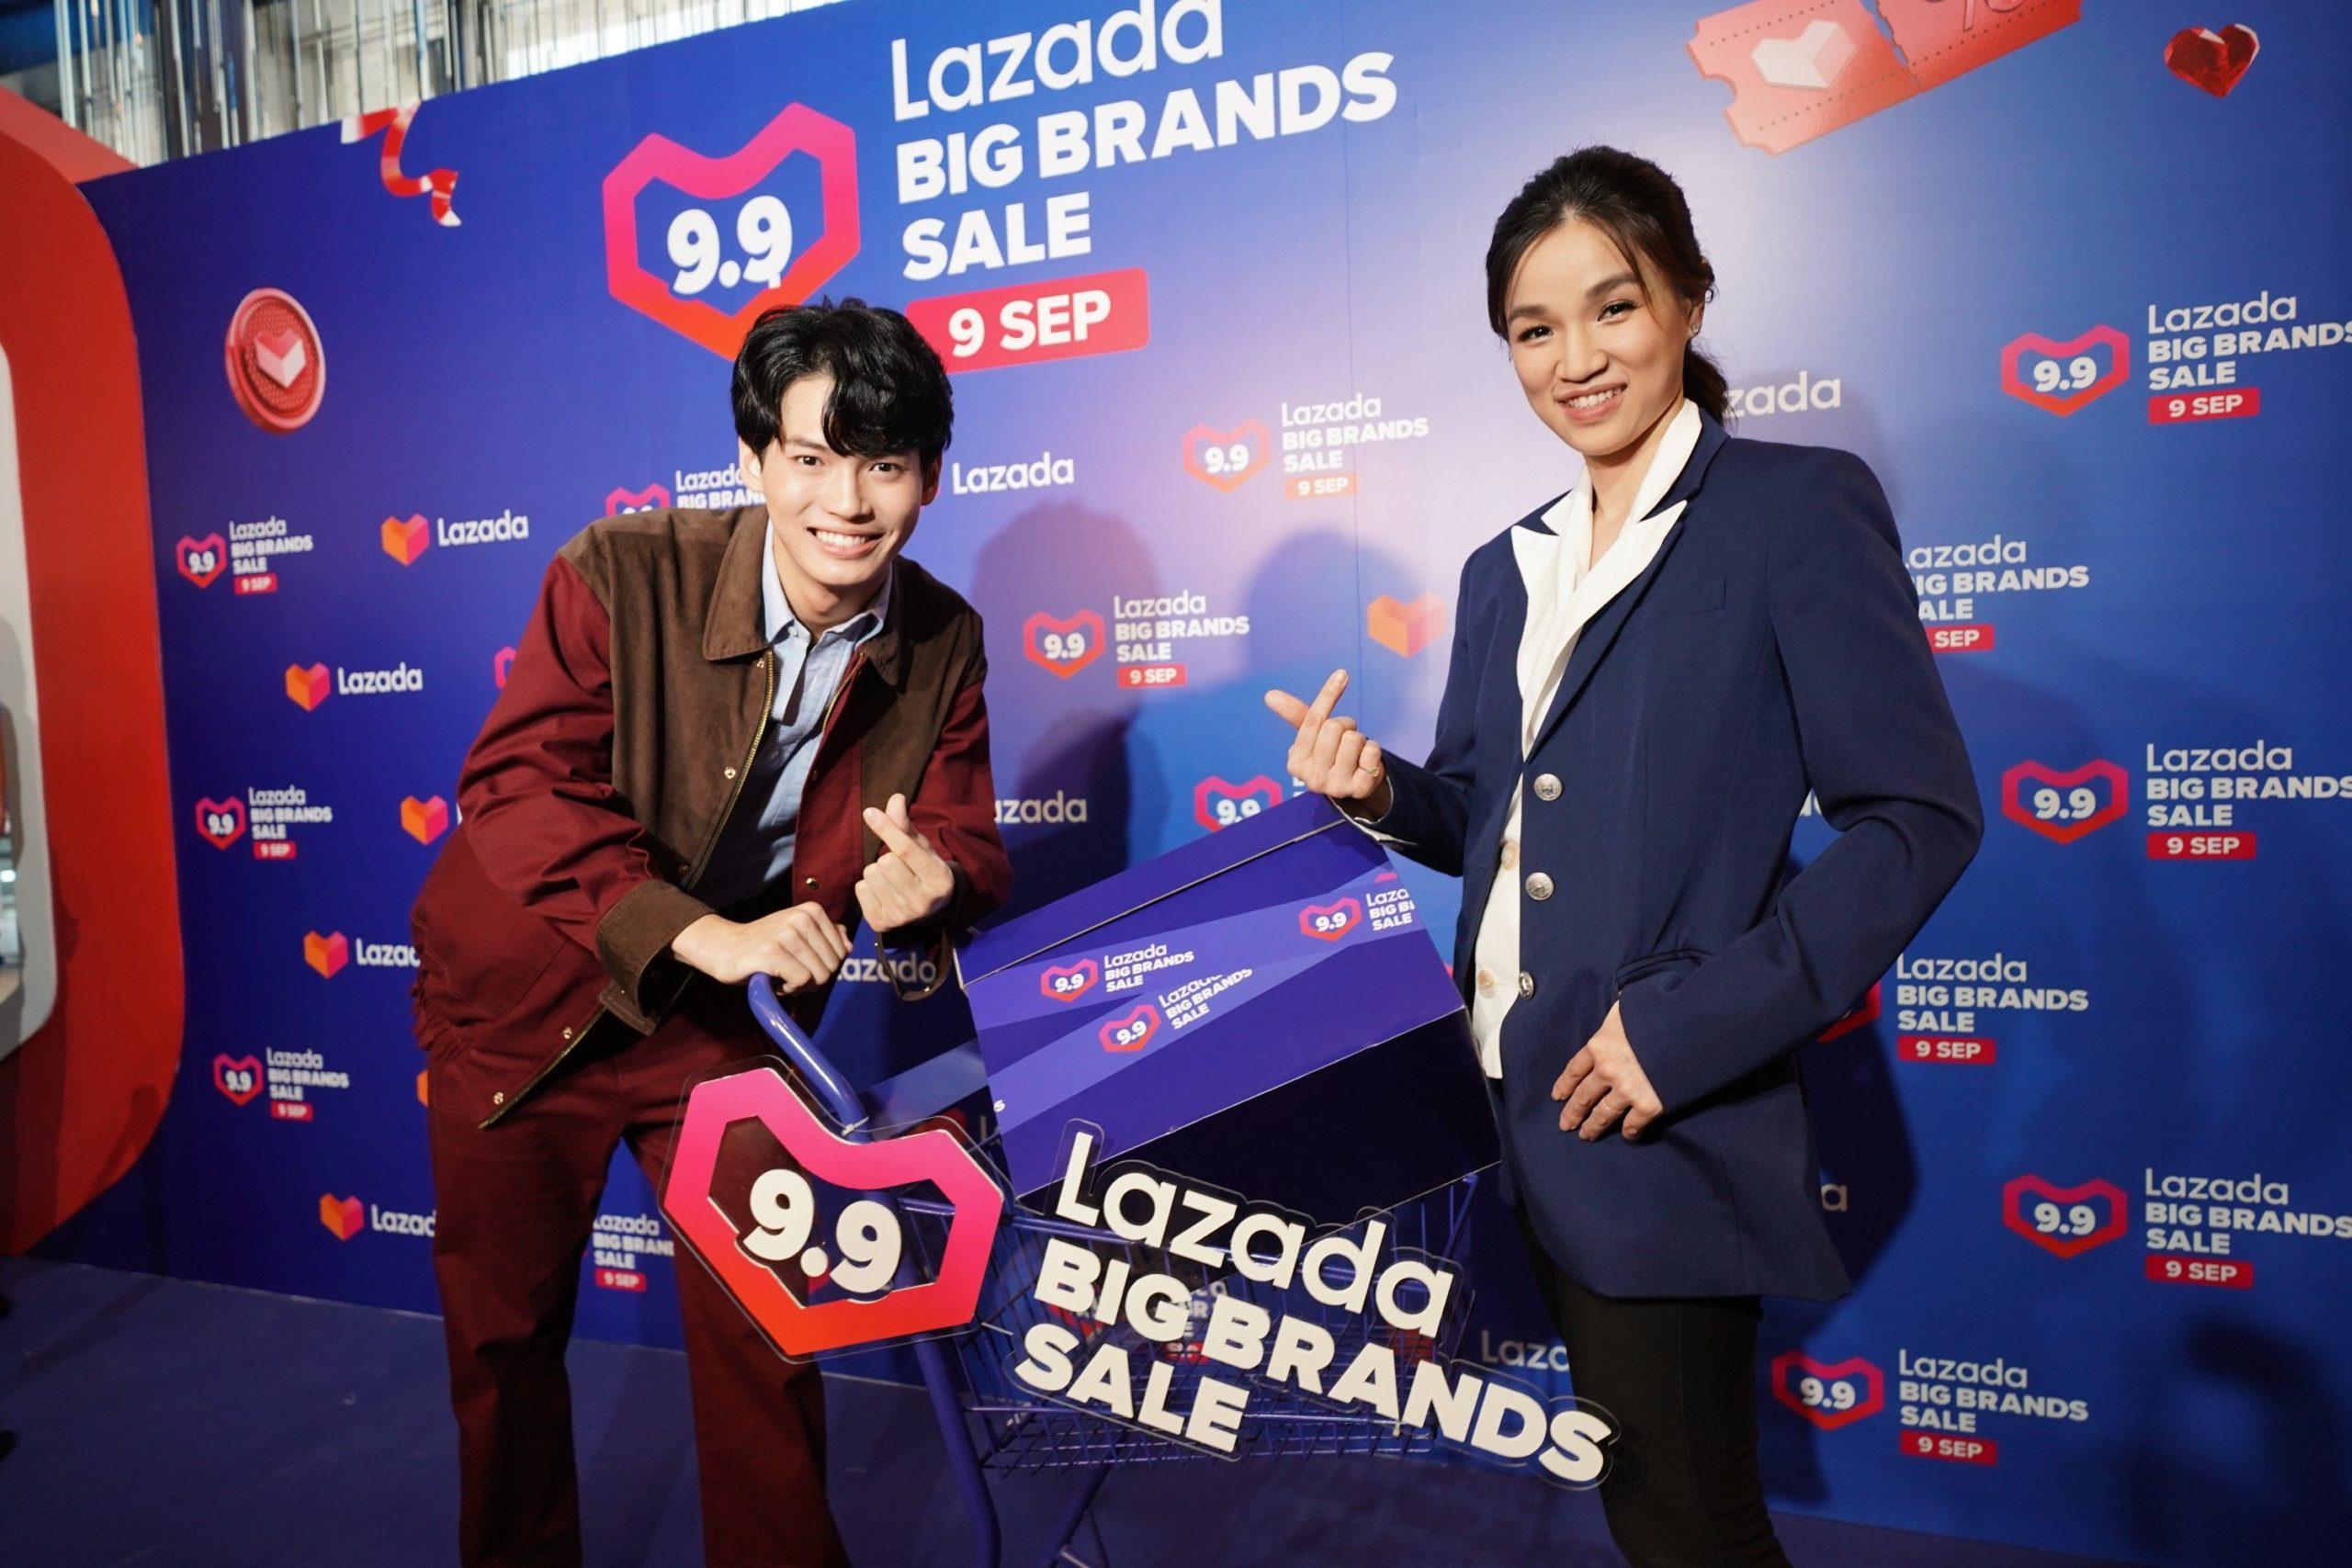 ลาซาด้า จัดมหกรรมช้อปครั้งใหญ่แห่งปี 'Lazada 9.9 Big Brands Sale'